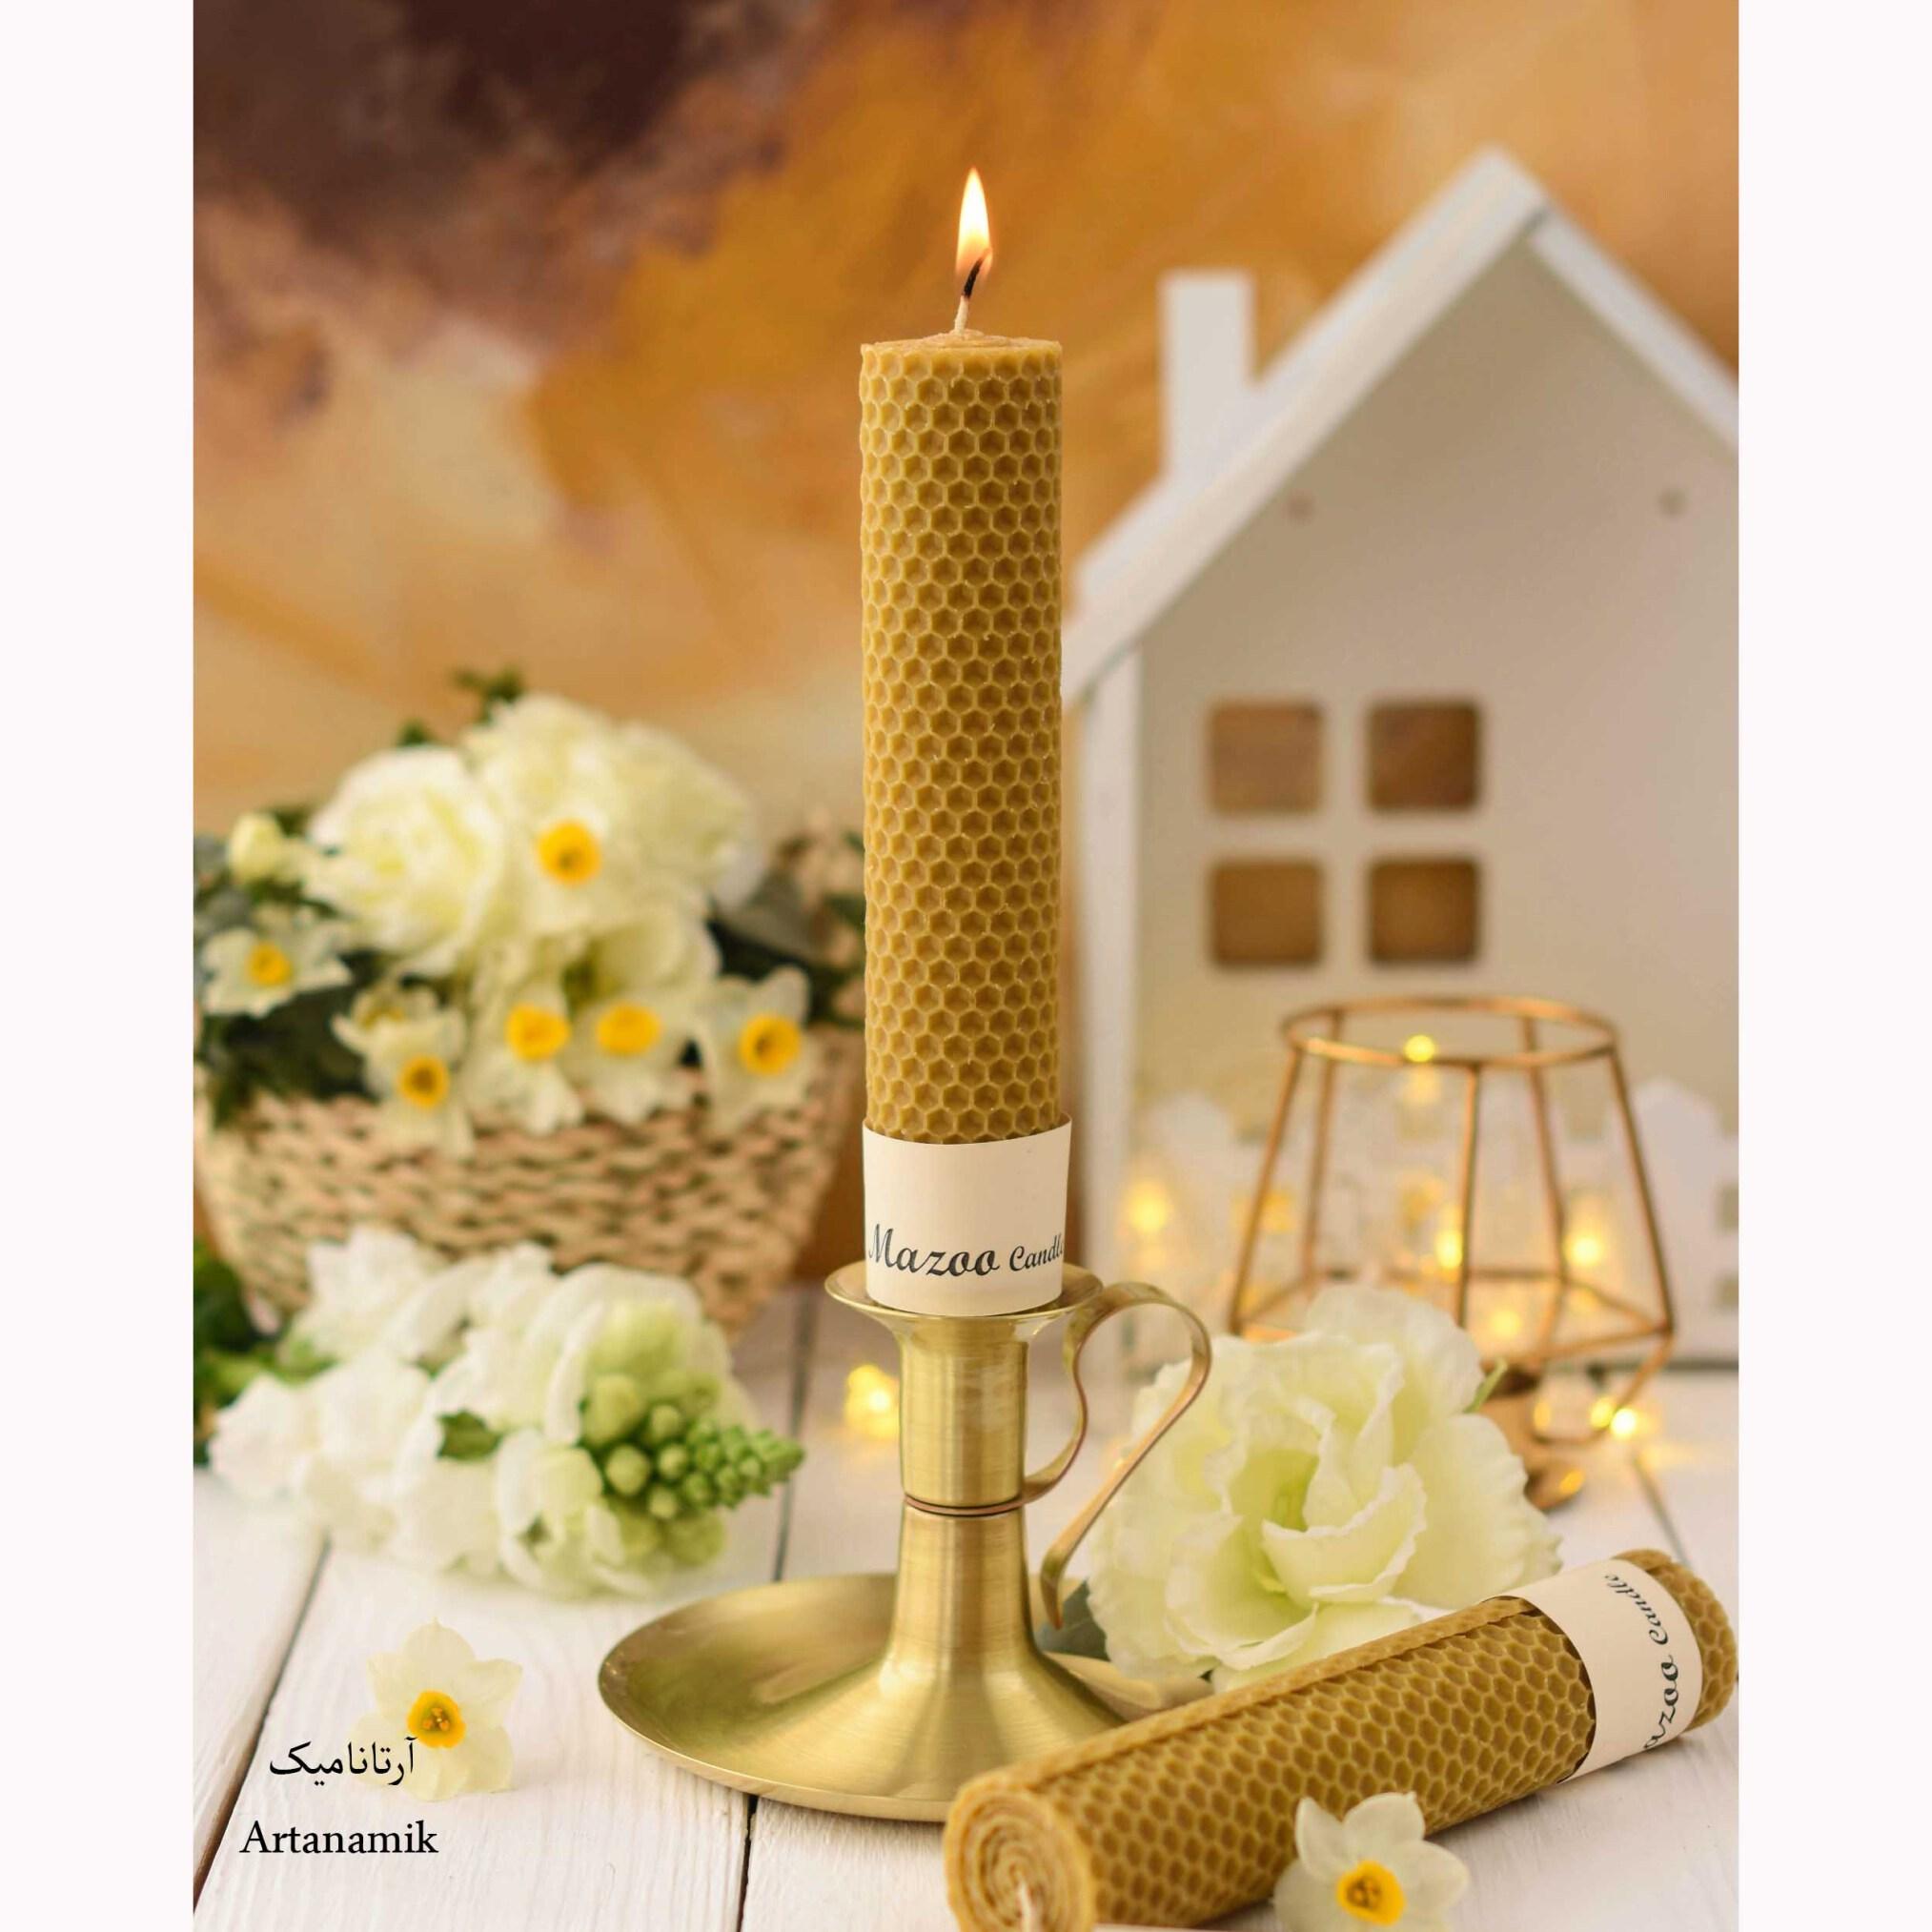 خرید شمع موم عسل، شمع با کیفیت، شمع دکوری، شمع مینیمال